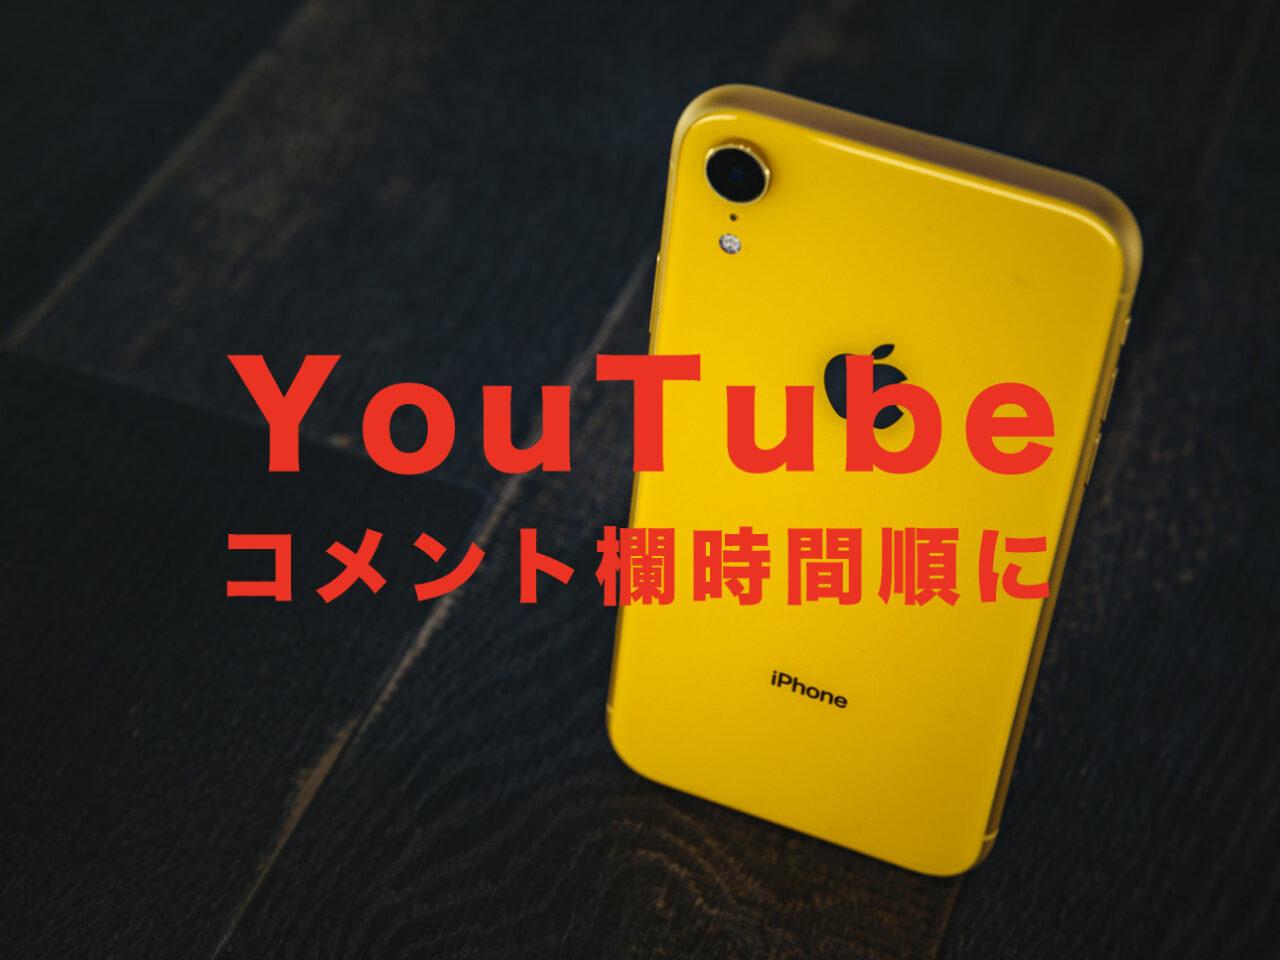 YouTube(ユーチューブ)のコメント欄を時間順に並び替えるやり方を解説!のサムネイル画像